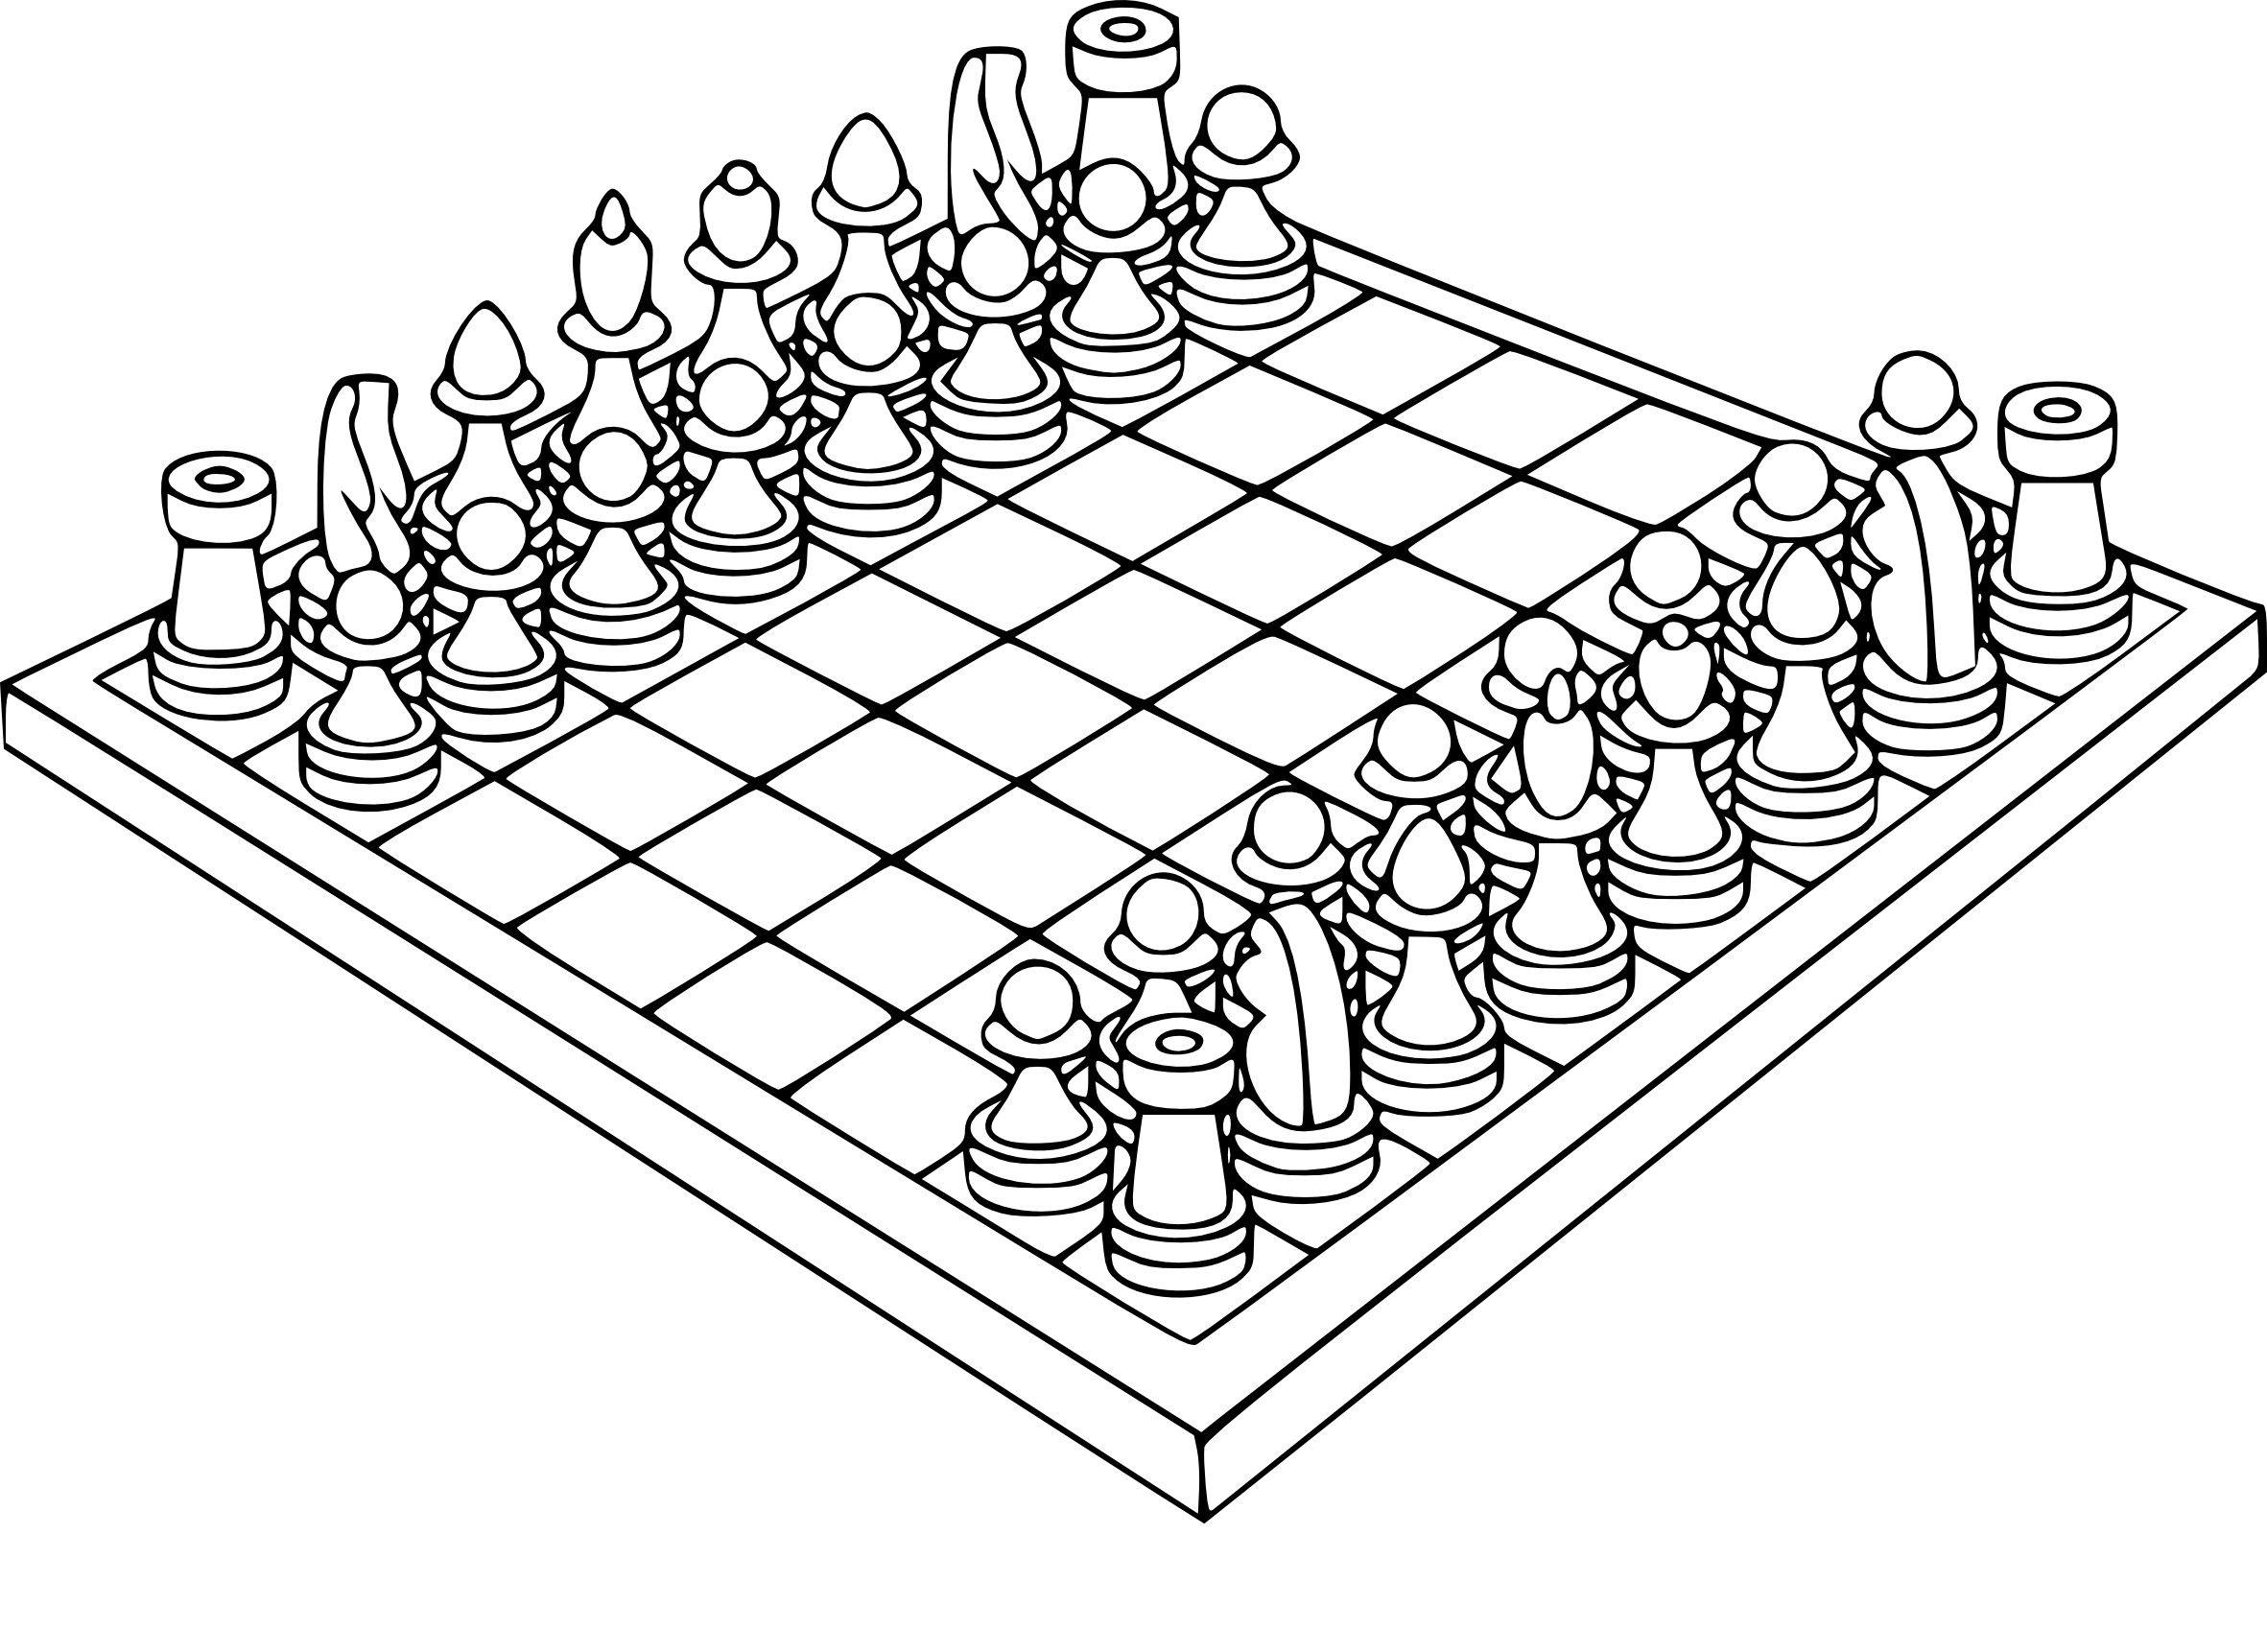 были готовы рисунки про шахматы собирается экономить